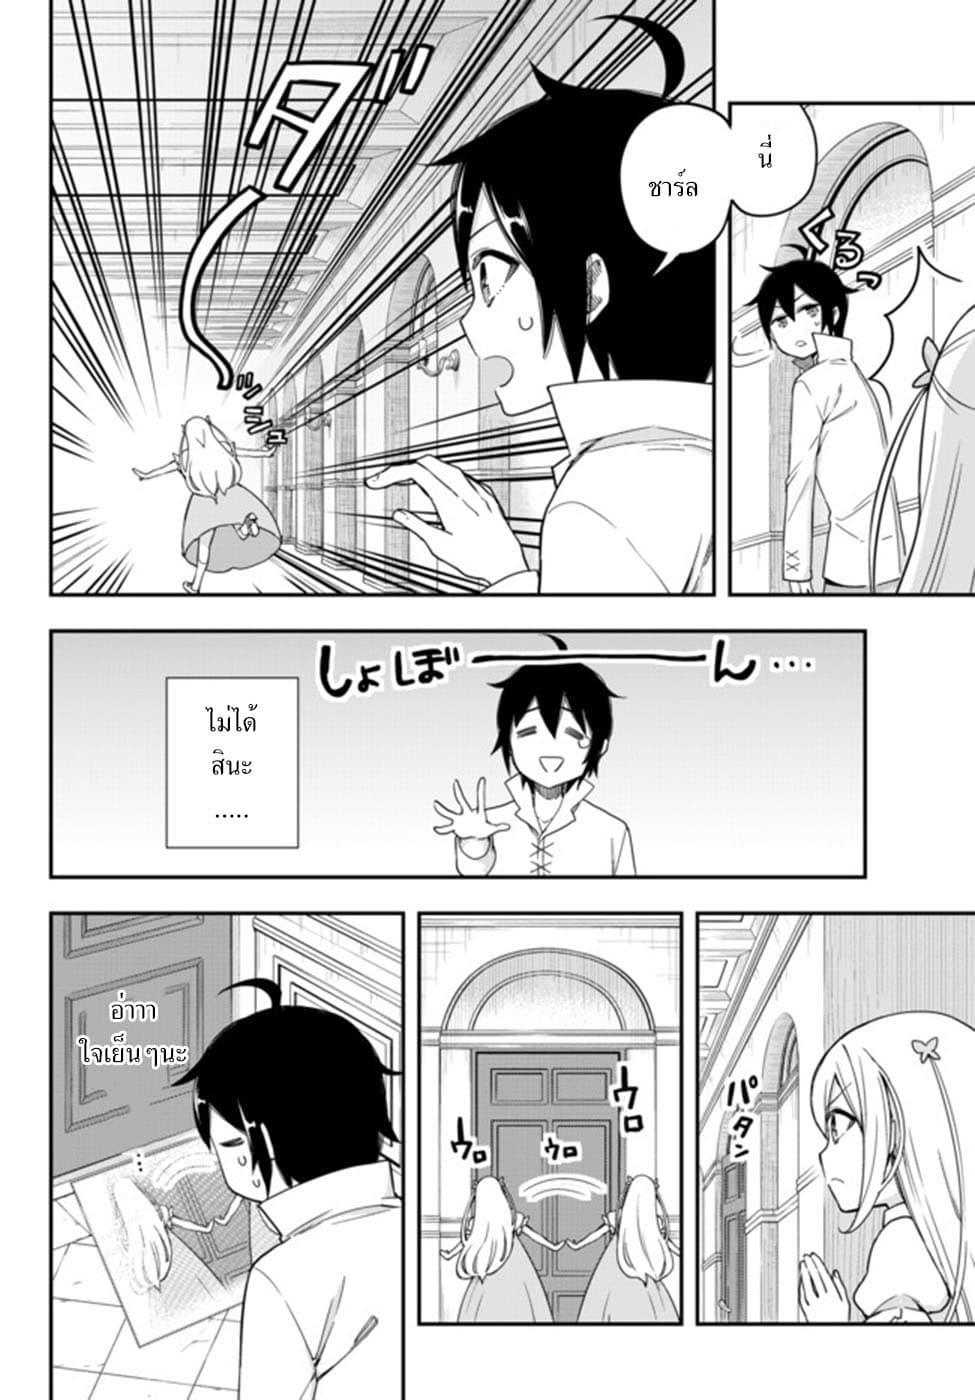 อ่านการ์ตูน Jitsu wa Ore Saikyou deshita ตอนที่ 5.1 หน้าที่ 8